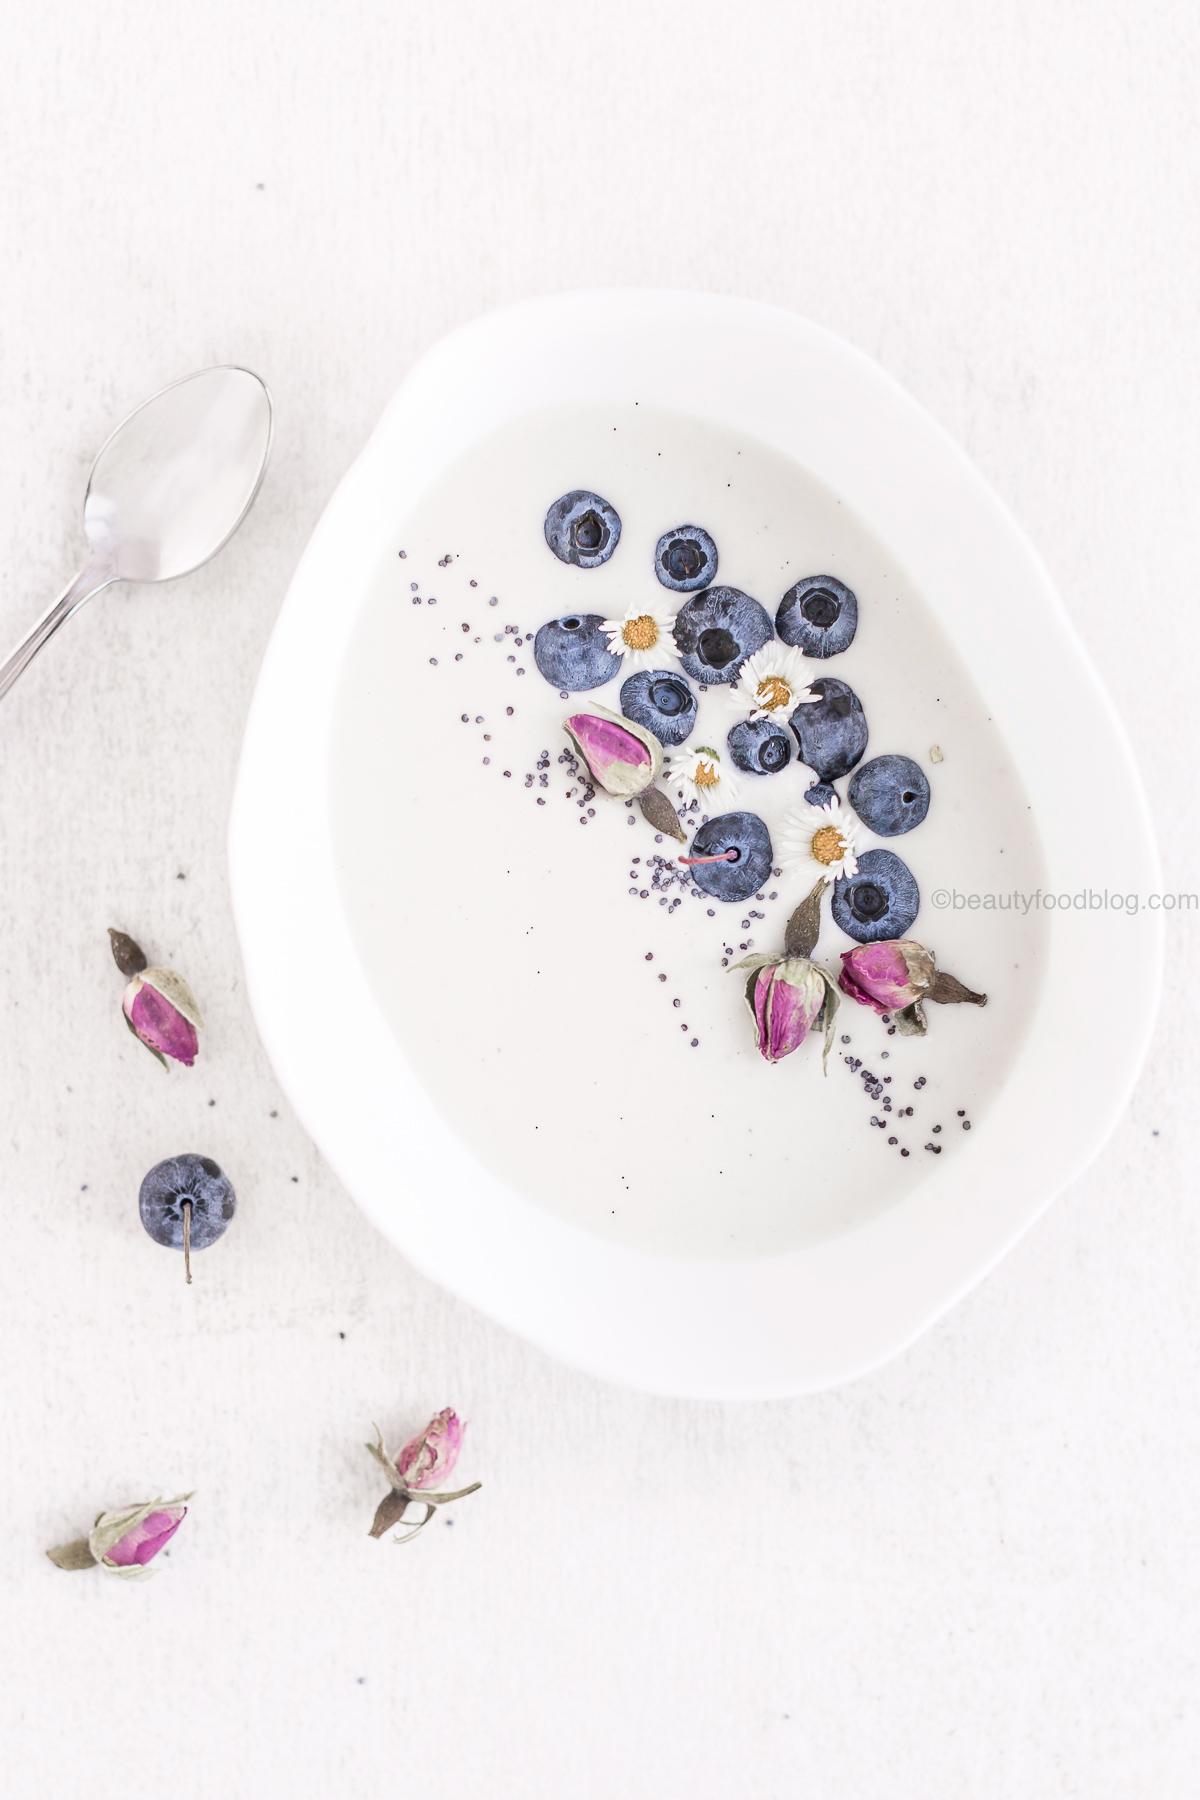 how to make homemade vegan cashew yogurt no yogurt maker no soy - ricetta yogurt vegan fatto in casa senza yogurtiera raw agli anacardi o mandorle